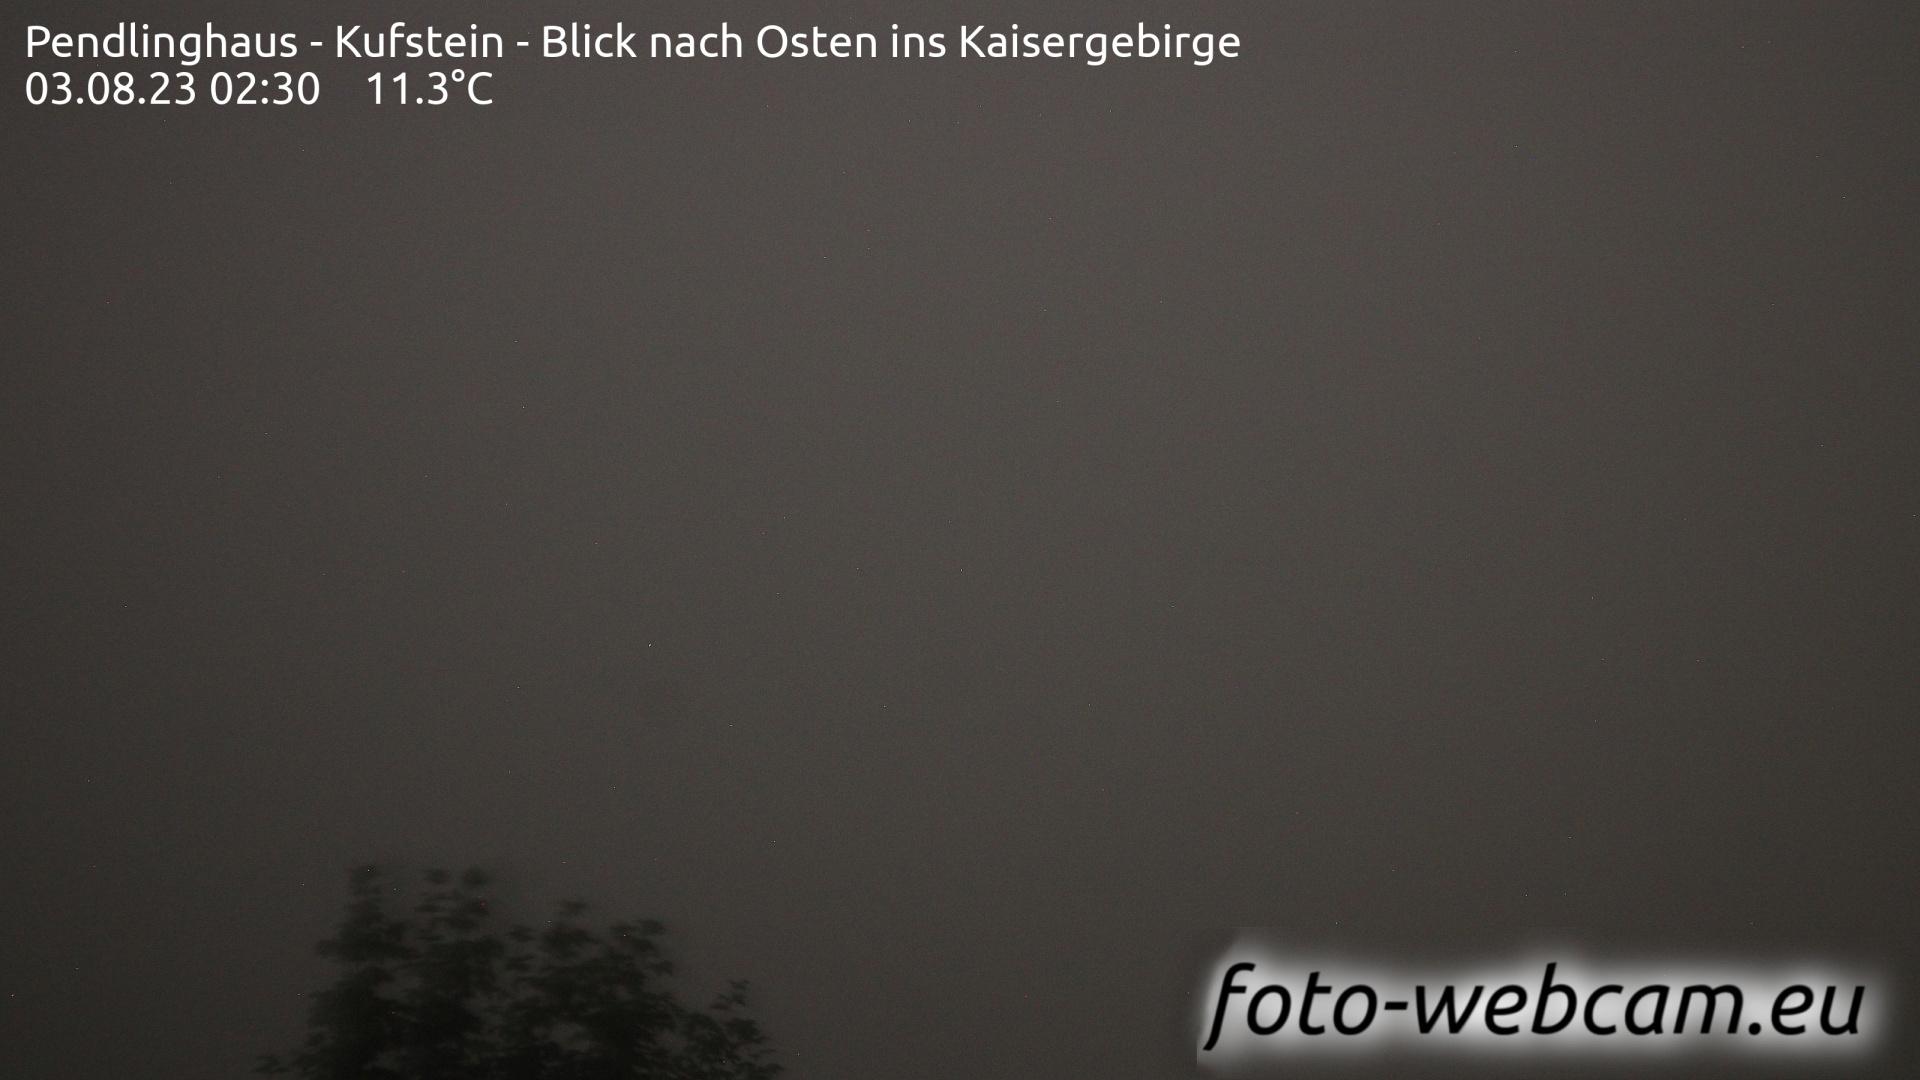 Kufstein Sun. 02:48